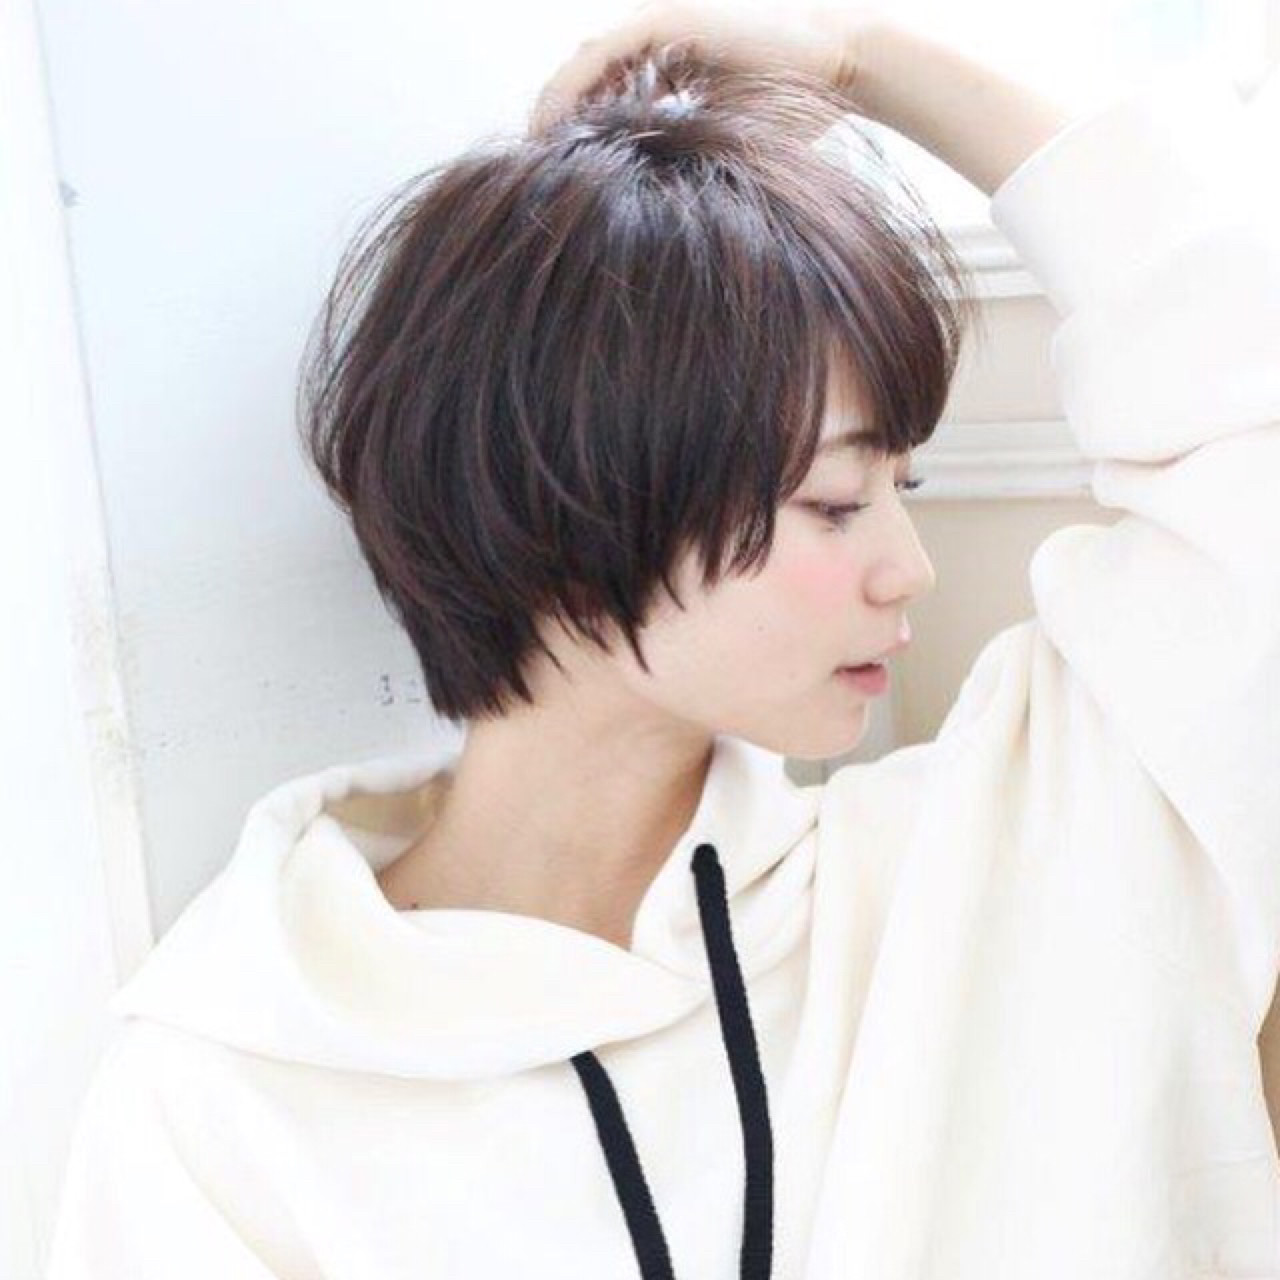 ショートボブ 大人女子 黒髪 こなれ感 ヘアスタイルや髪型の写真・画像 | 切りっぱなしボブを流行らせた人 Un ami増永 / Un ami omotesando